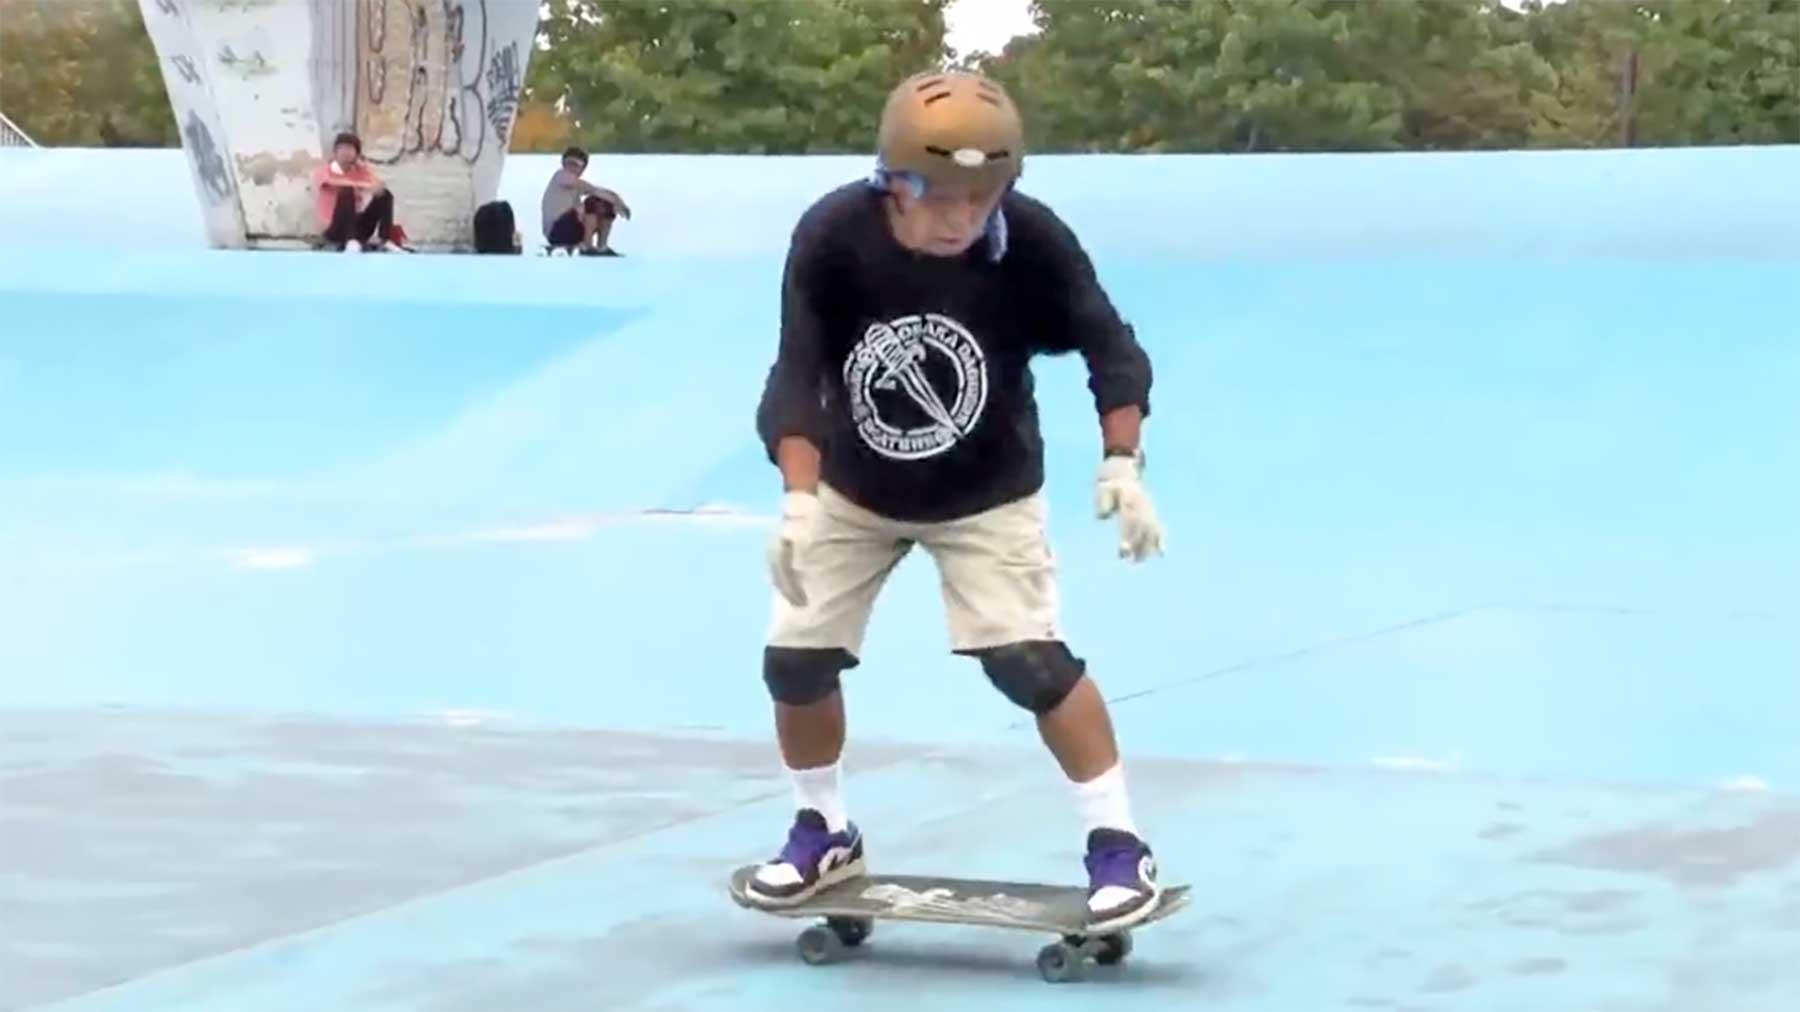 81-Jähriger Skateboarder Kinoshita Yoshio Kinoshita-Yoshio-81-jaehriger-skateboarder